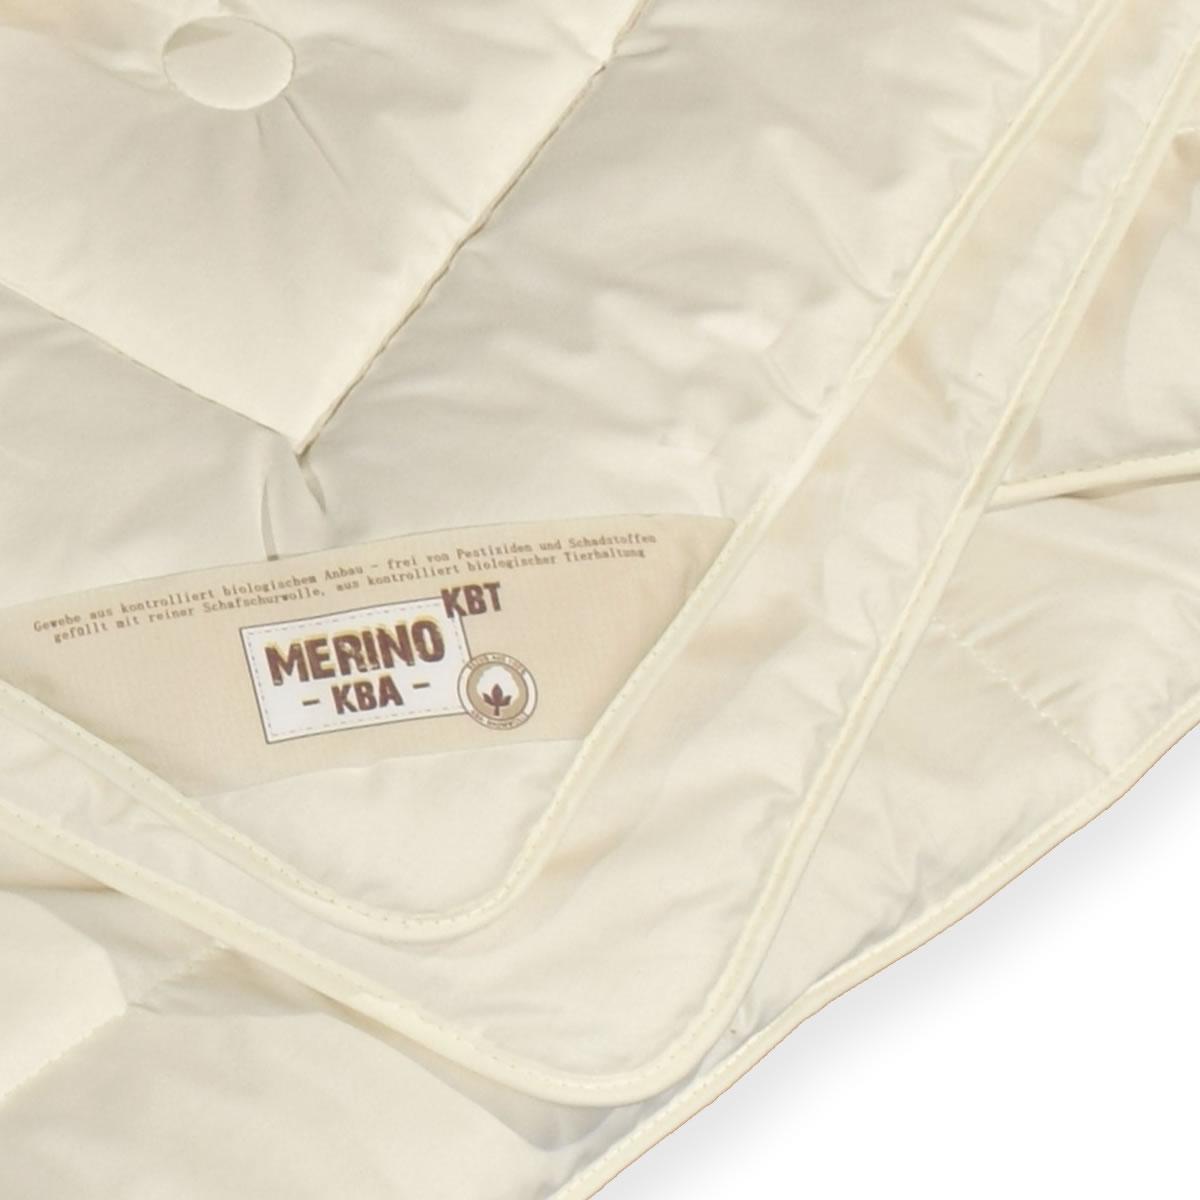 Merino Schurwolle KBT Natur Bettdecke 155x220 cm extra leicht ohne Schadstoffe